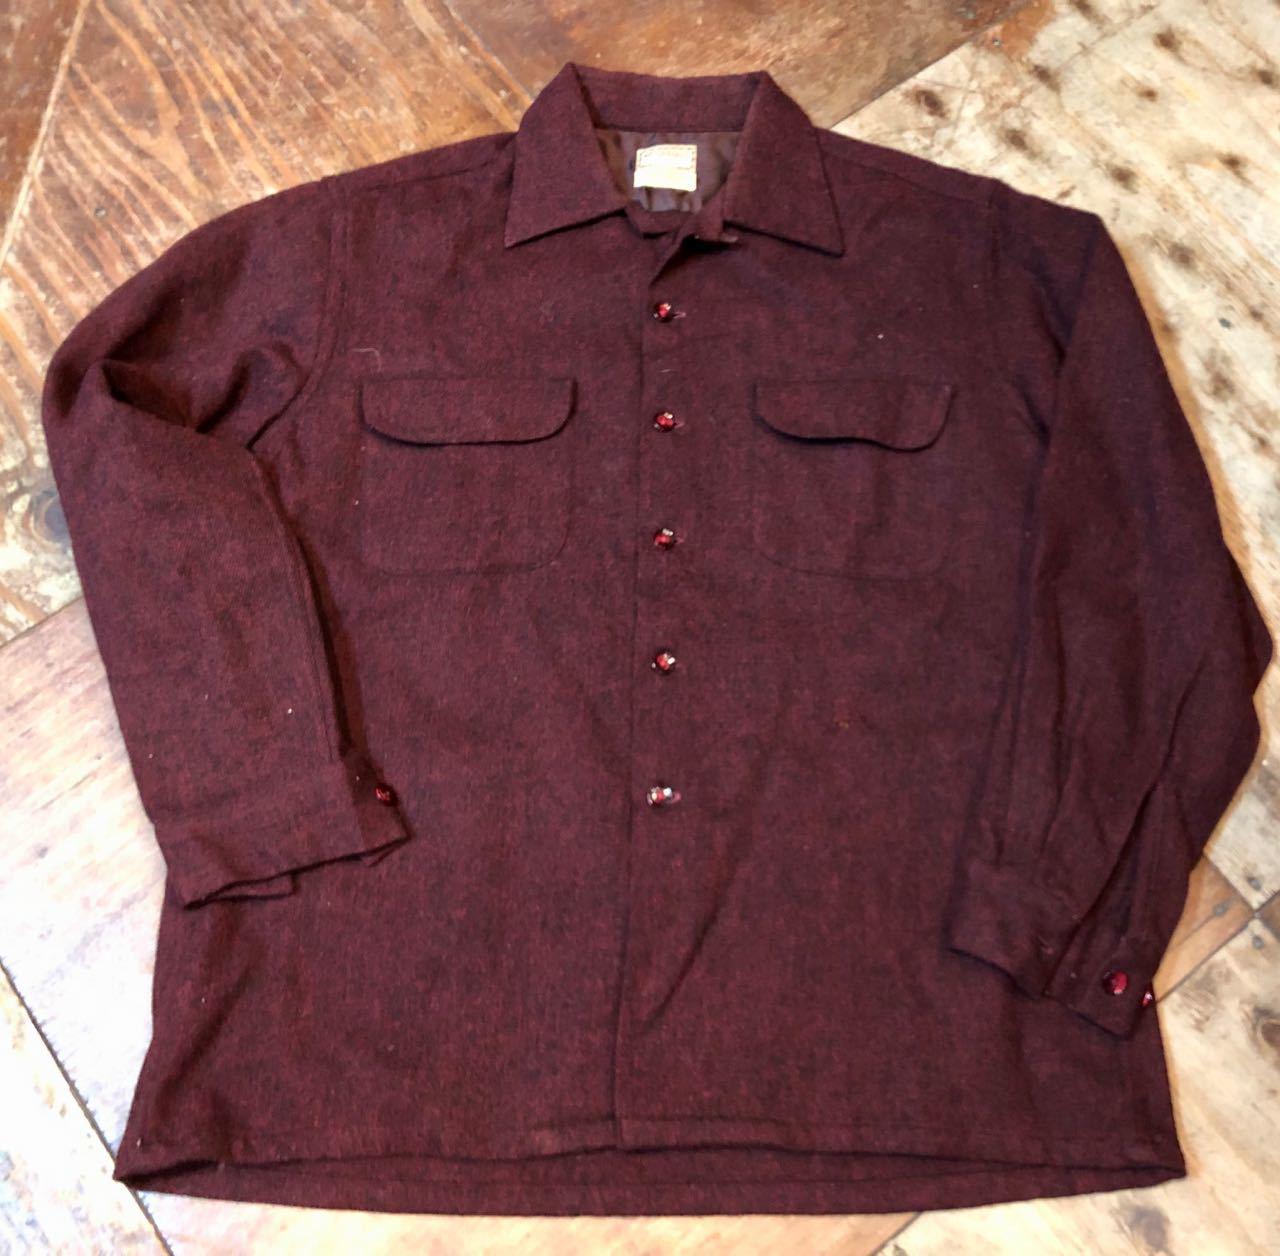 12/24(月)入荷! 50s〜マクレガー オープンカラー ウールシャツ!_c0144020_18581693.jpg